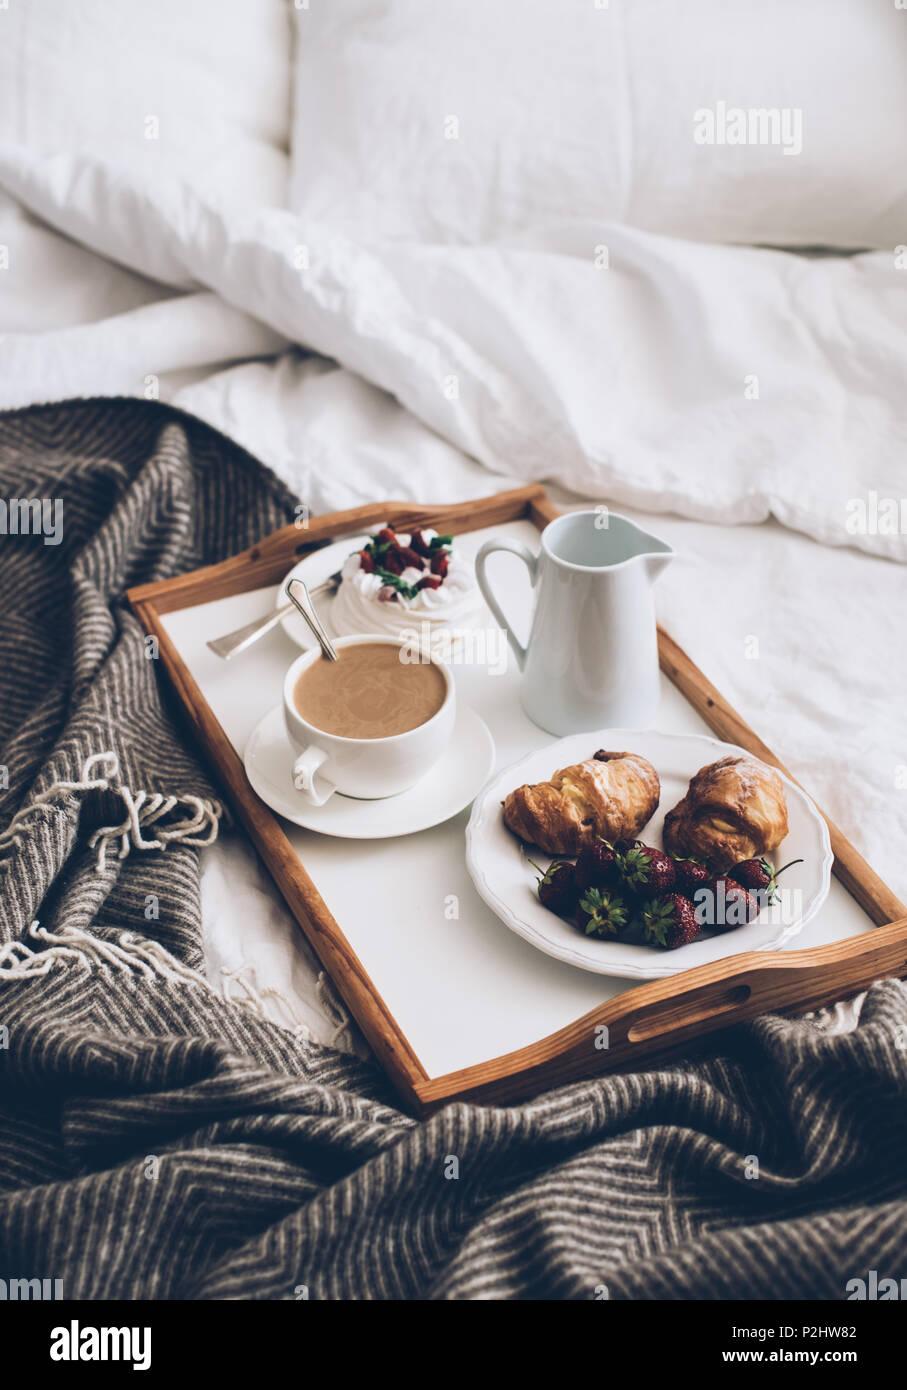 Immagini Colazione A Letto.Romantico Tradizionale Colazione A Letto In Bianco E Beige Camera